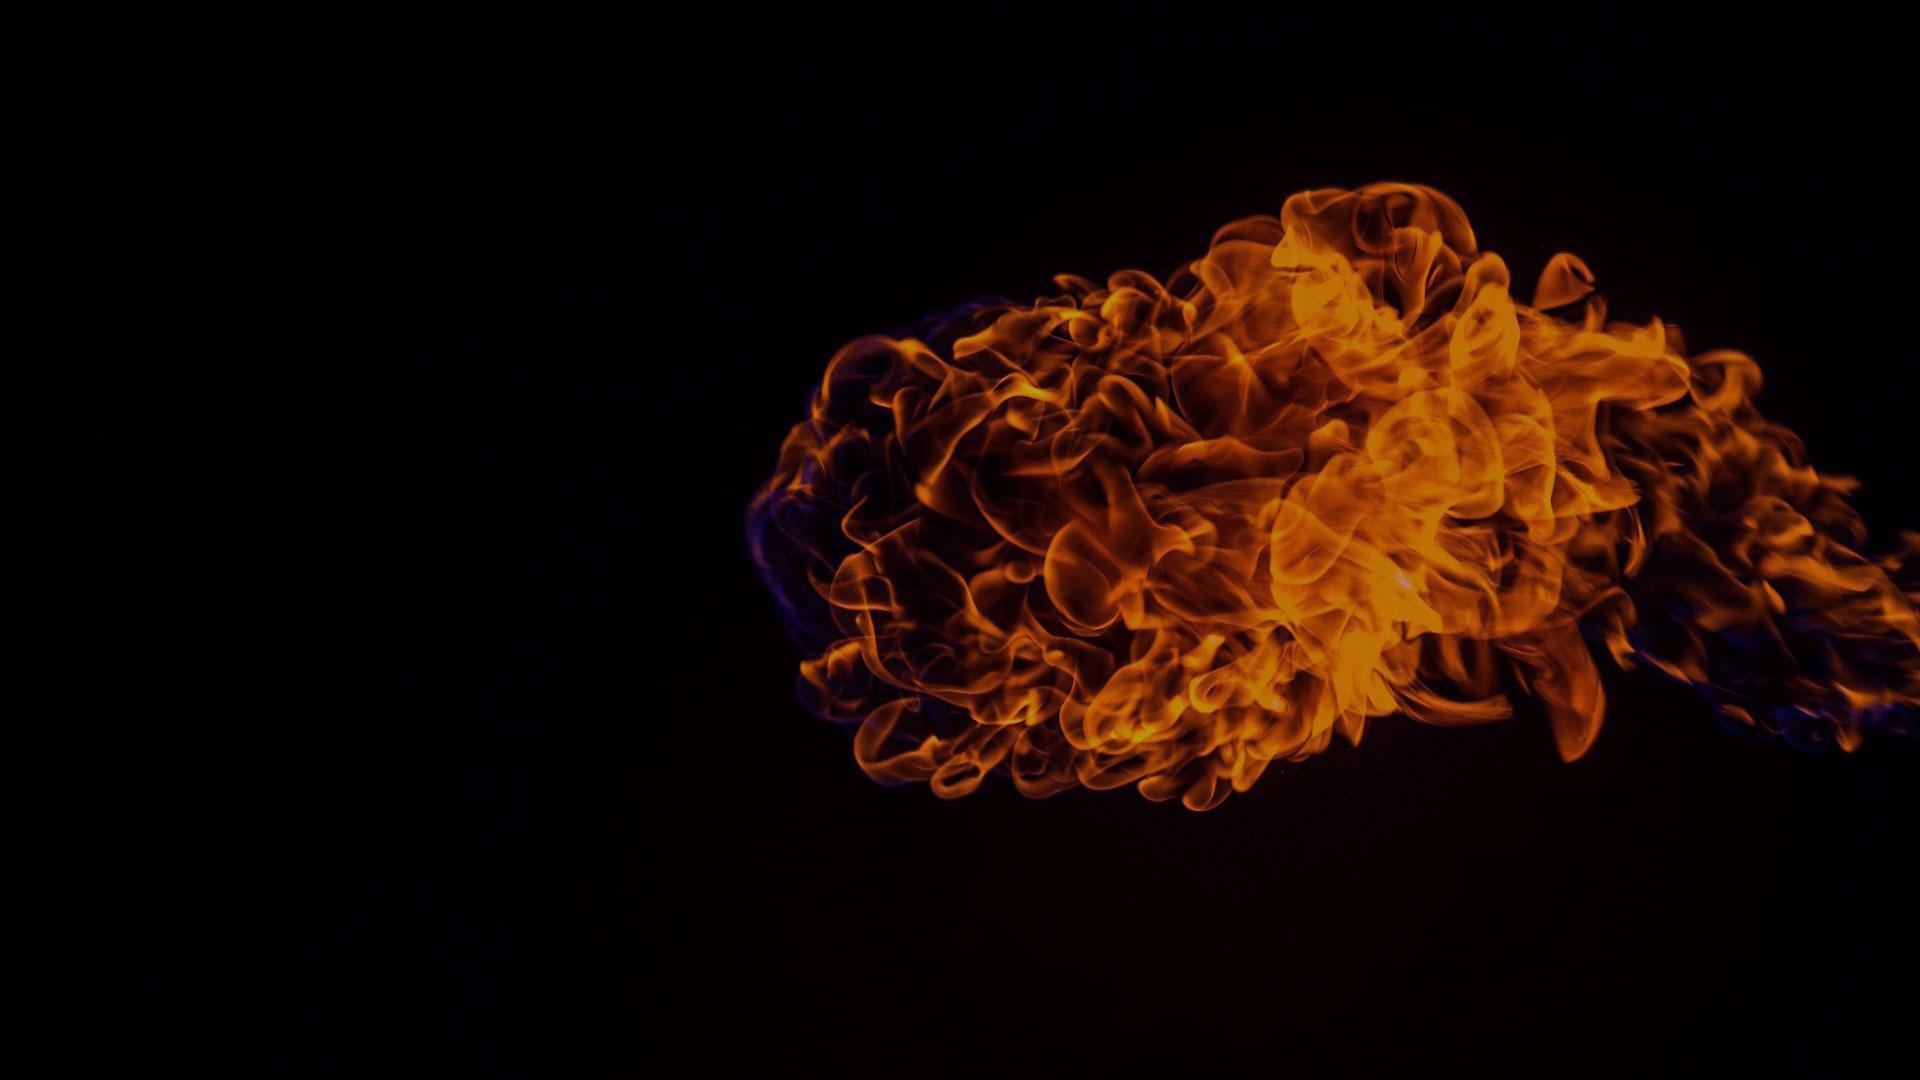 Есть ли материал, который не горит и не плавится Если есть, то напишите пожалуйста какой